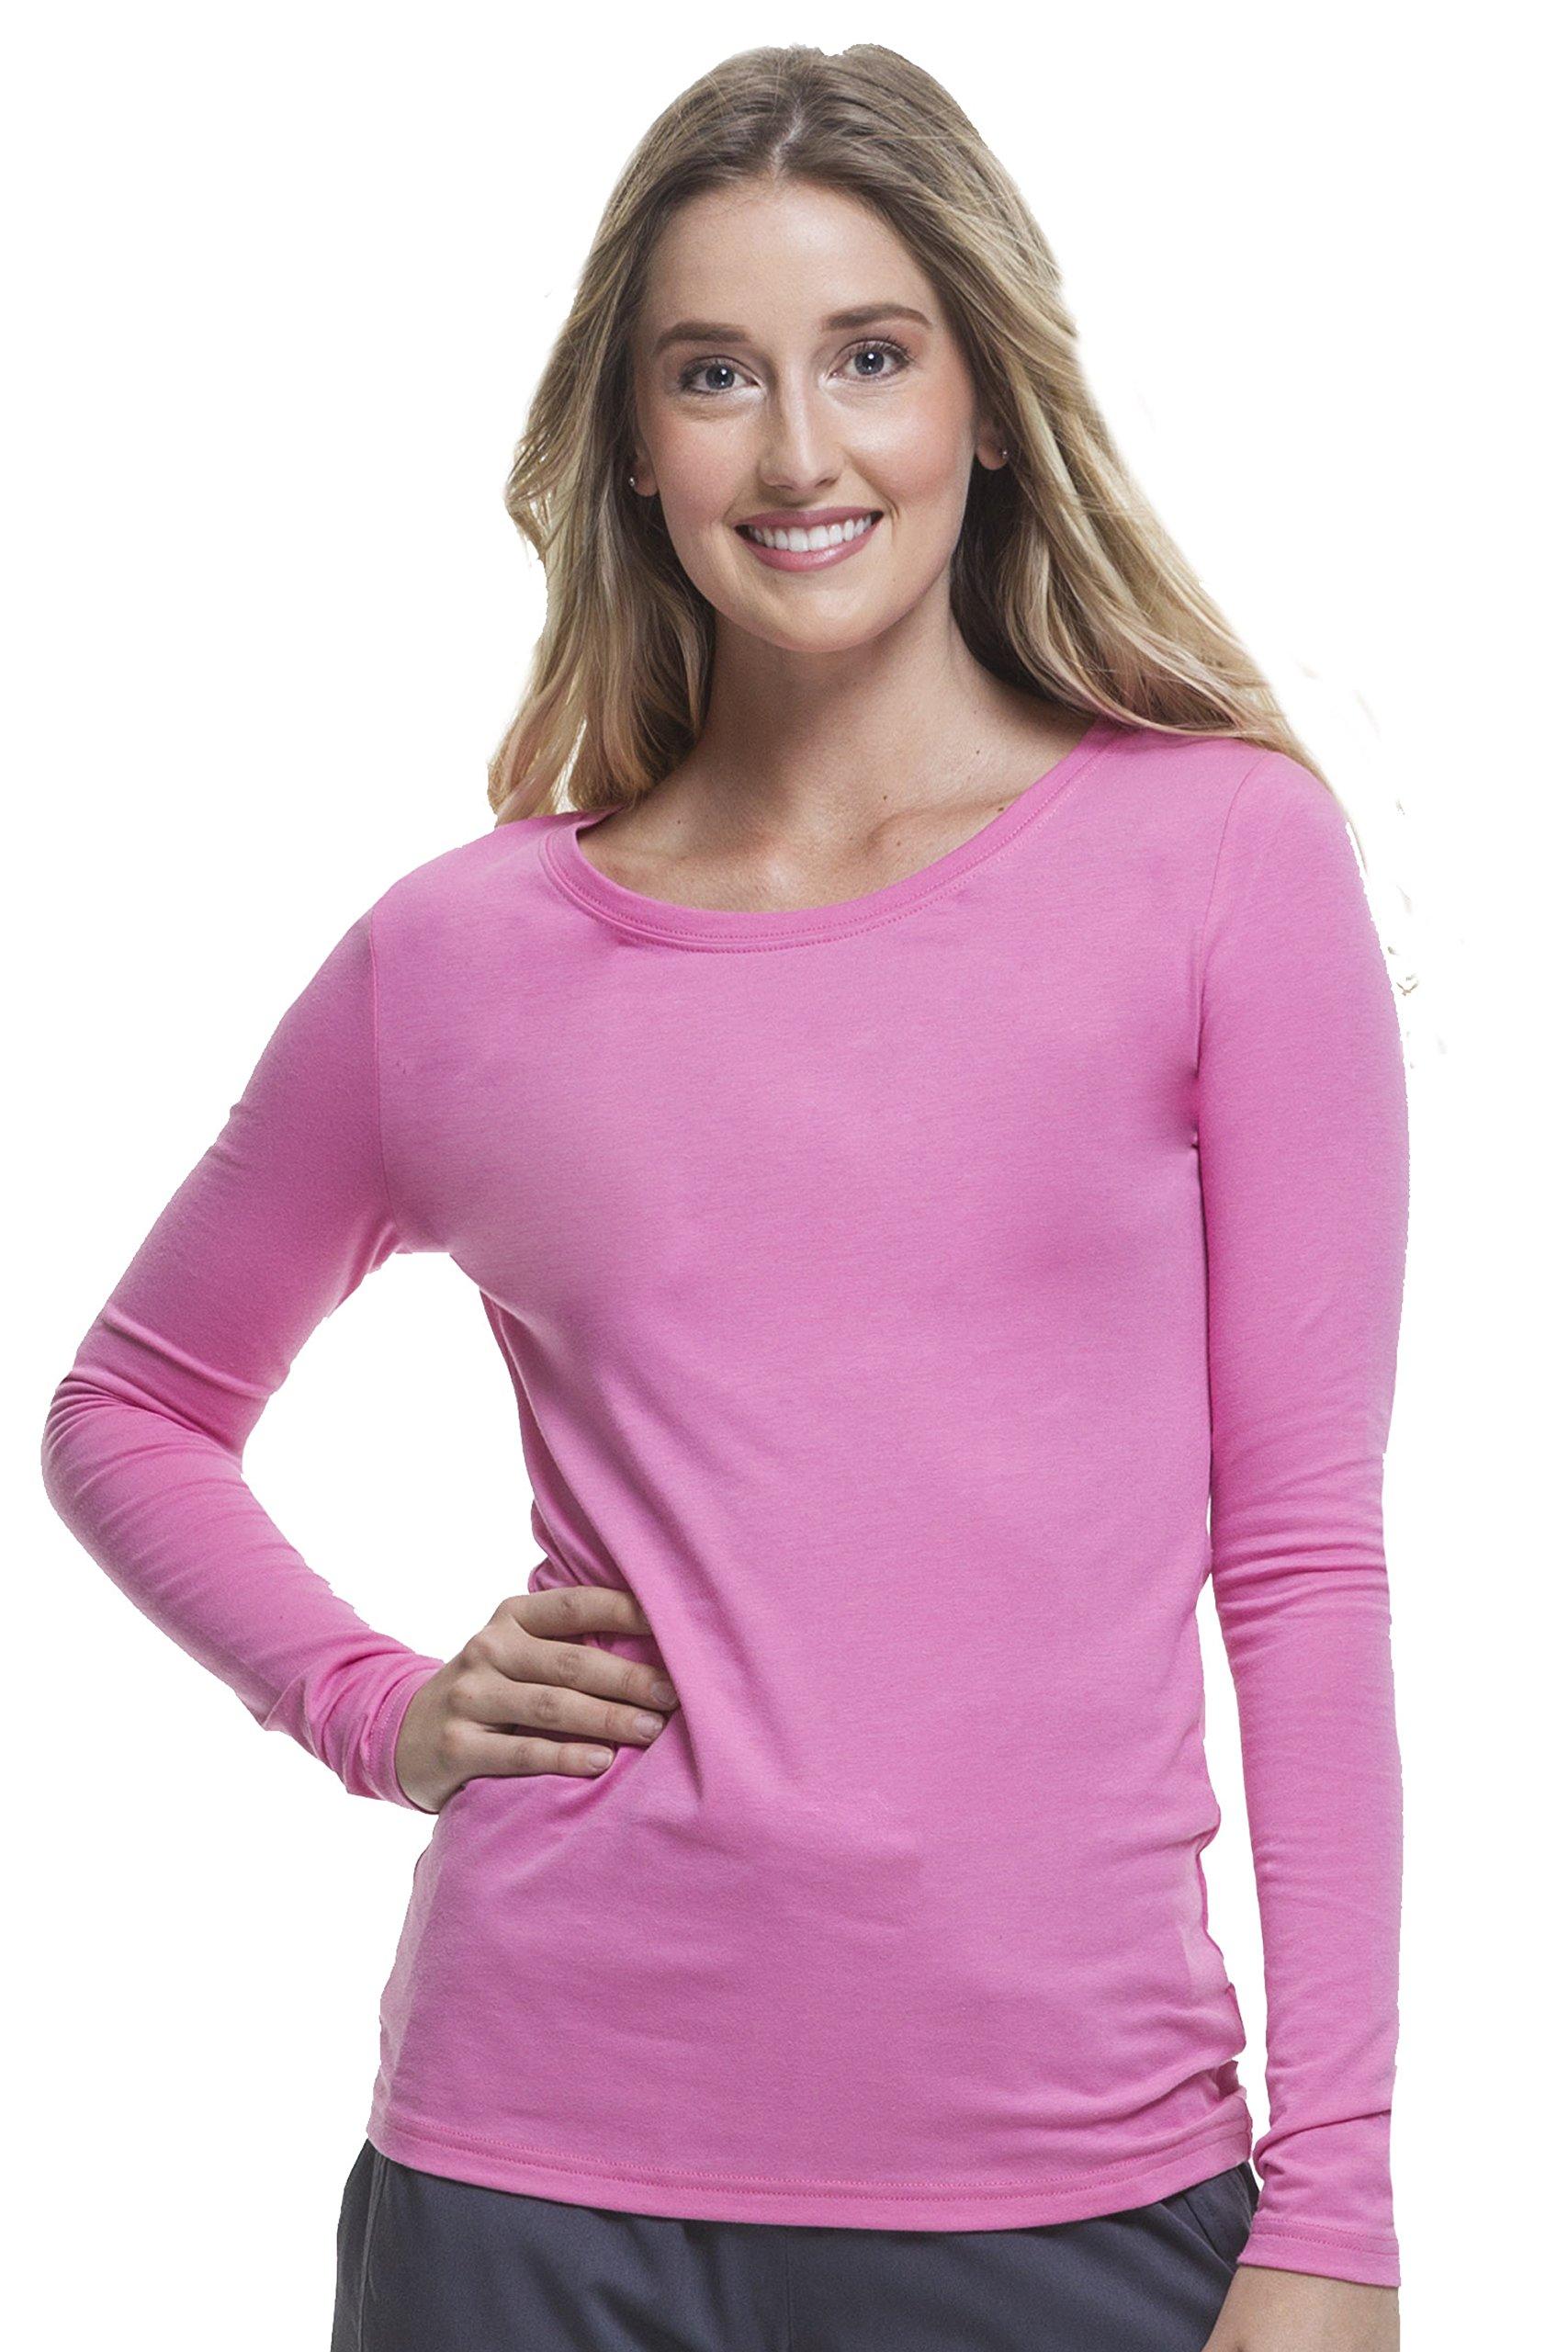 Healing Hands Scrubs Melissa 5047 Knit Long Sleeve Underscrub Tee Shirt- Pretty in Pink- 3XL